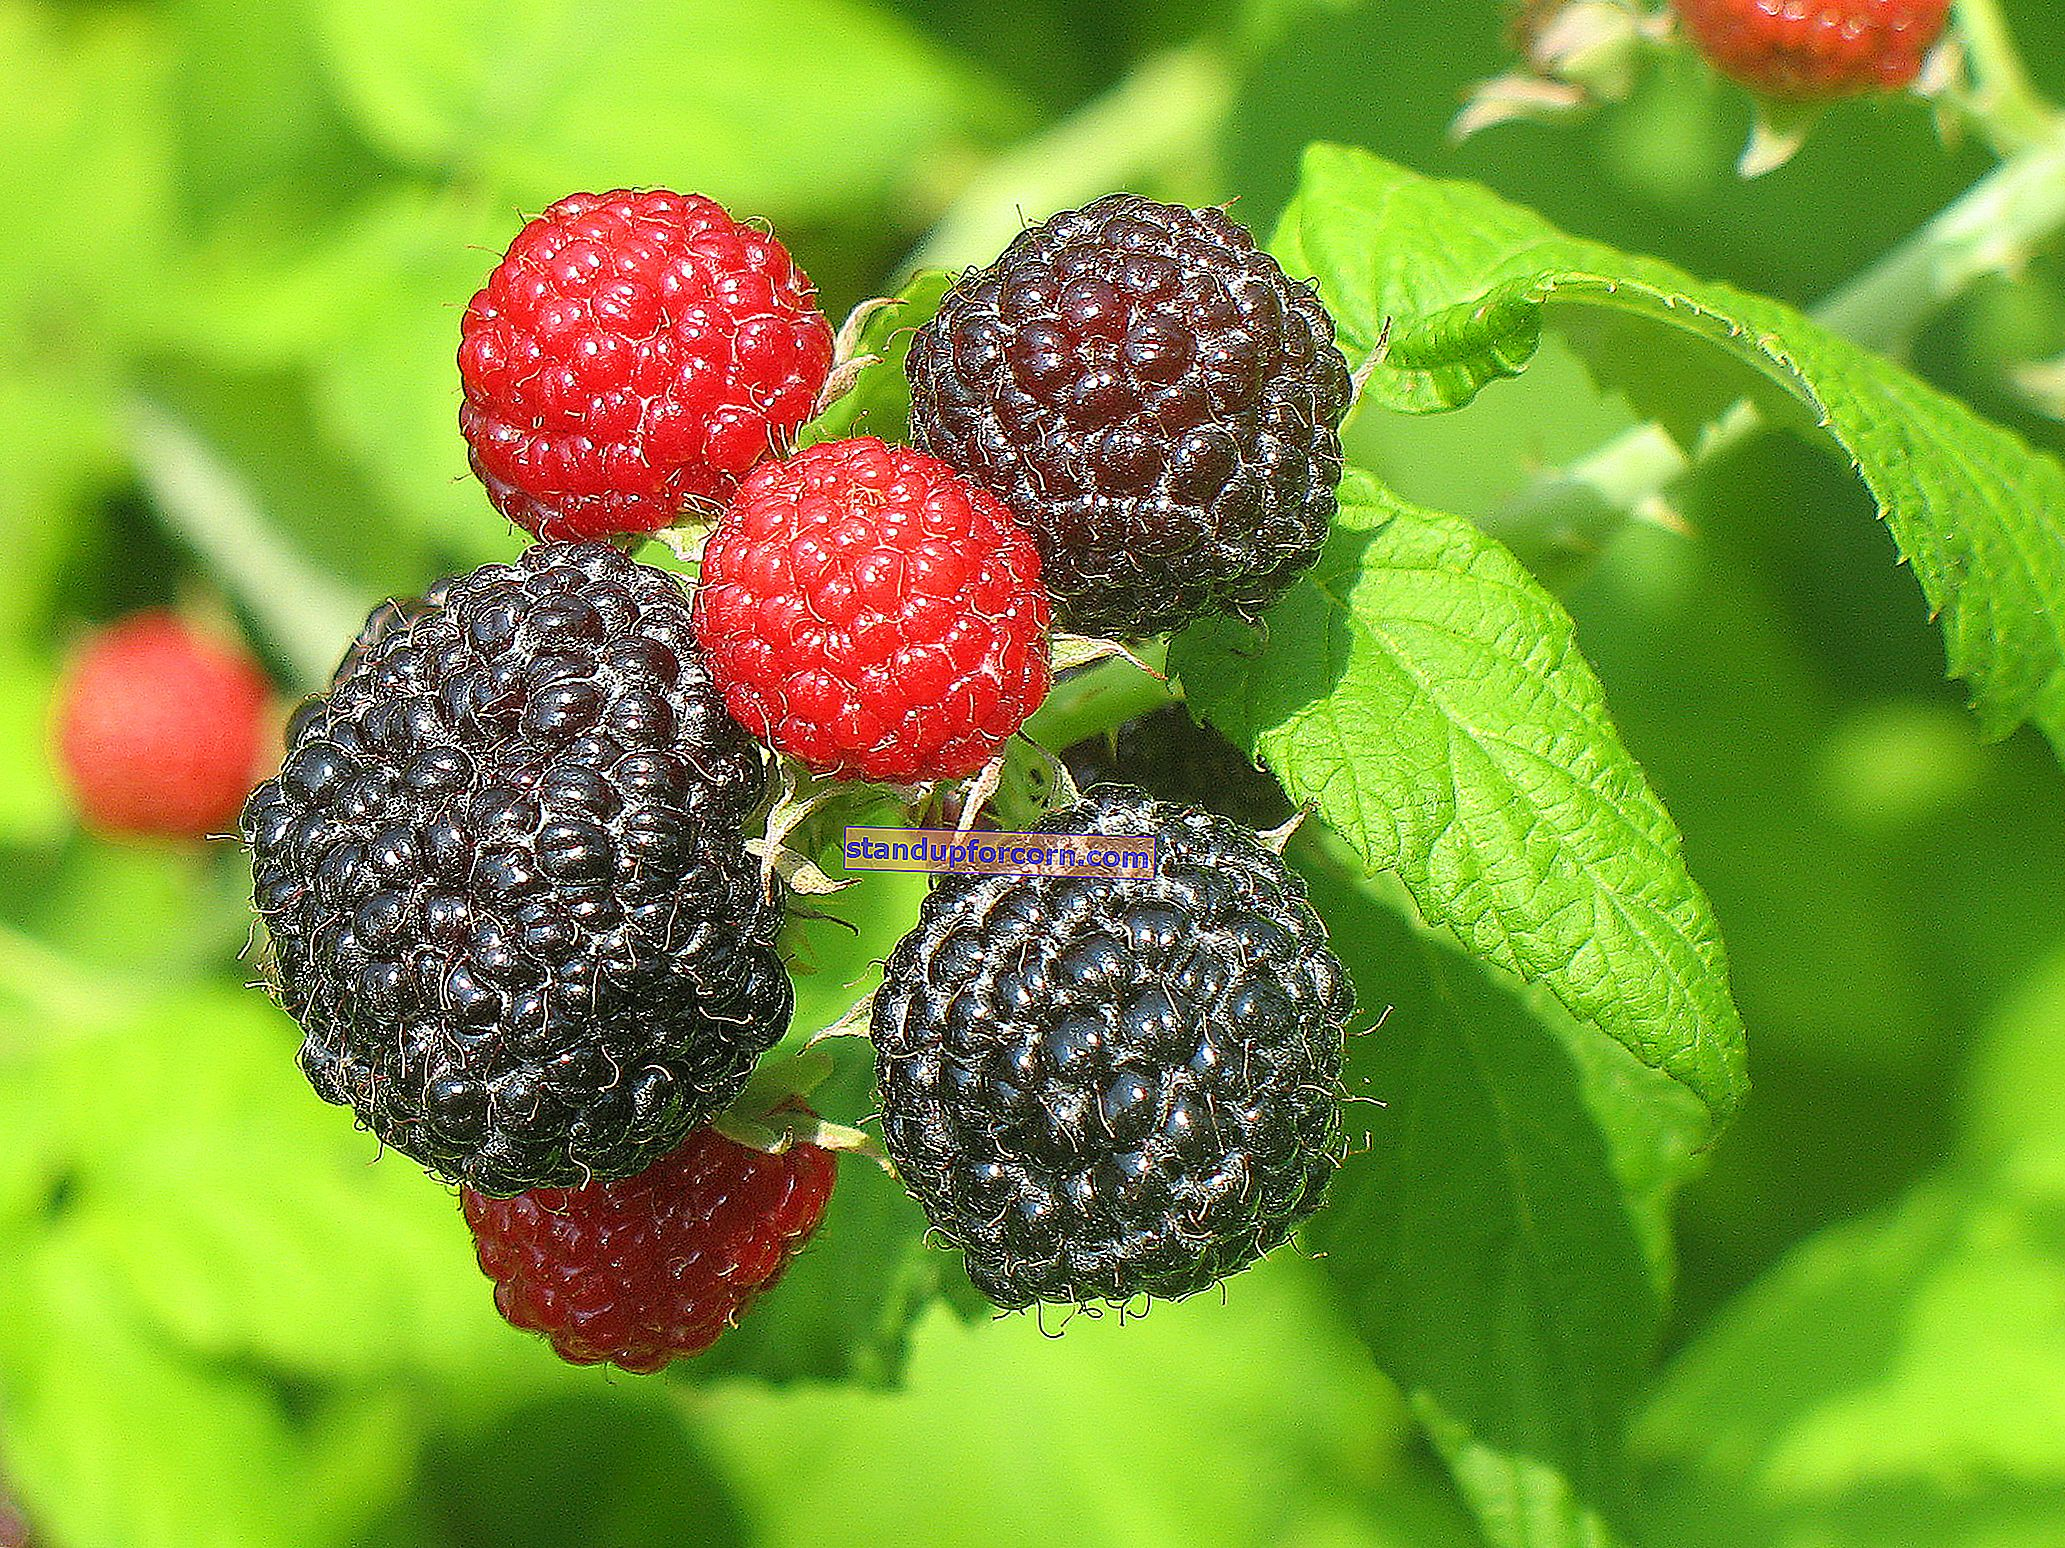 Musta vadelma - ominaisuudet, viljely, lajikkeet